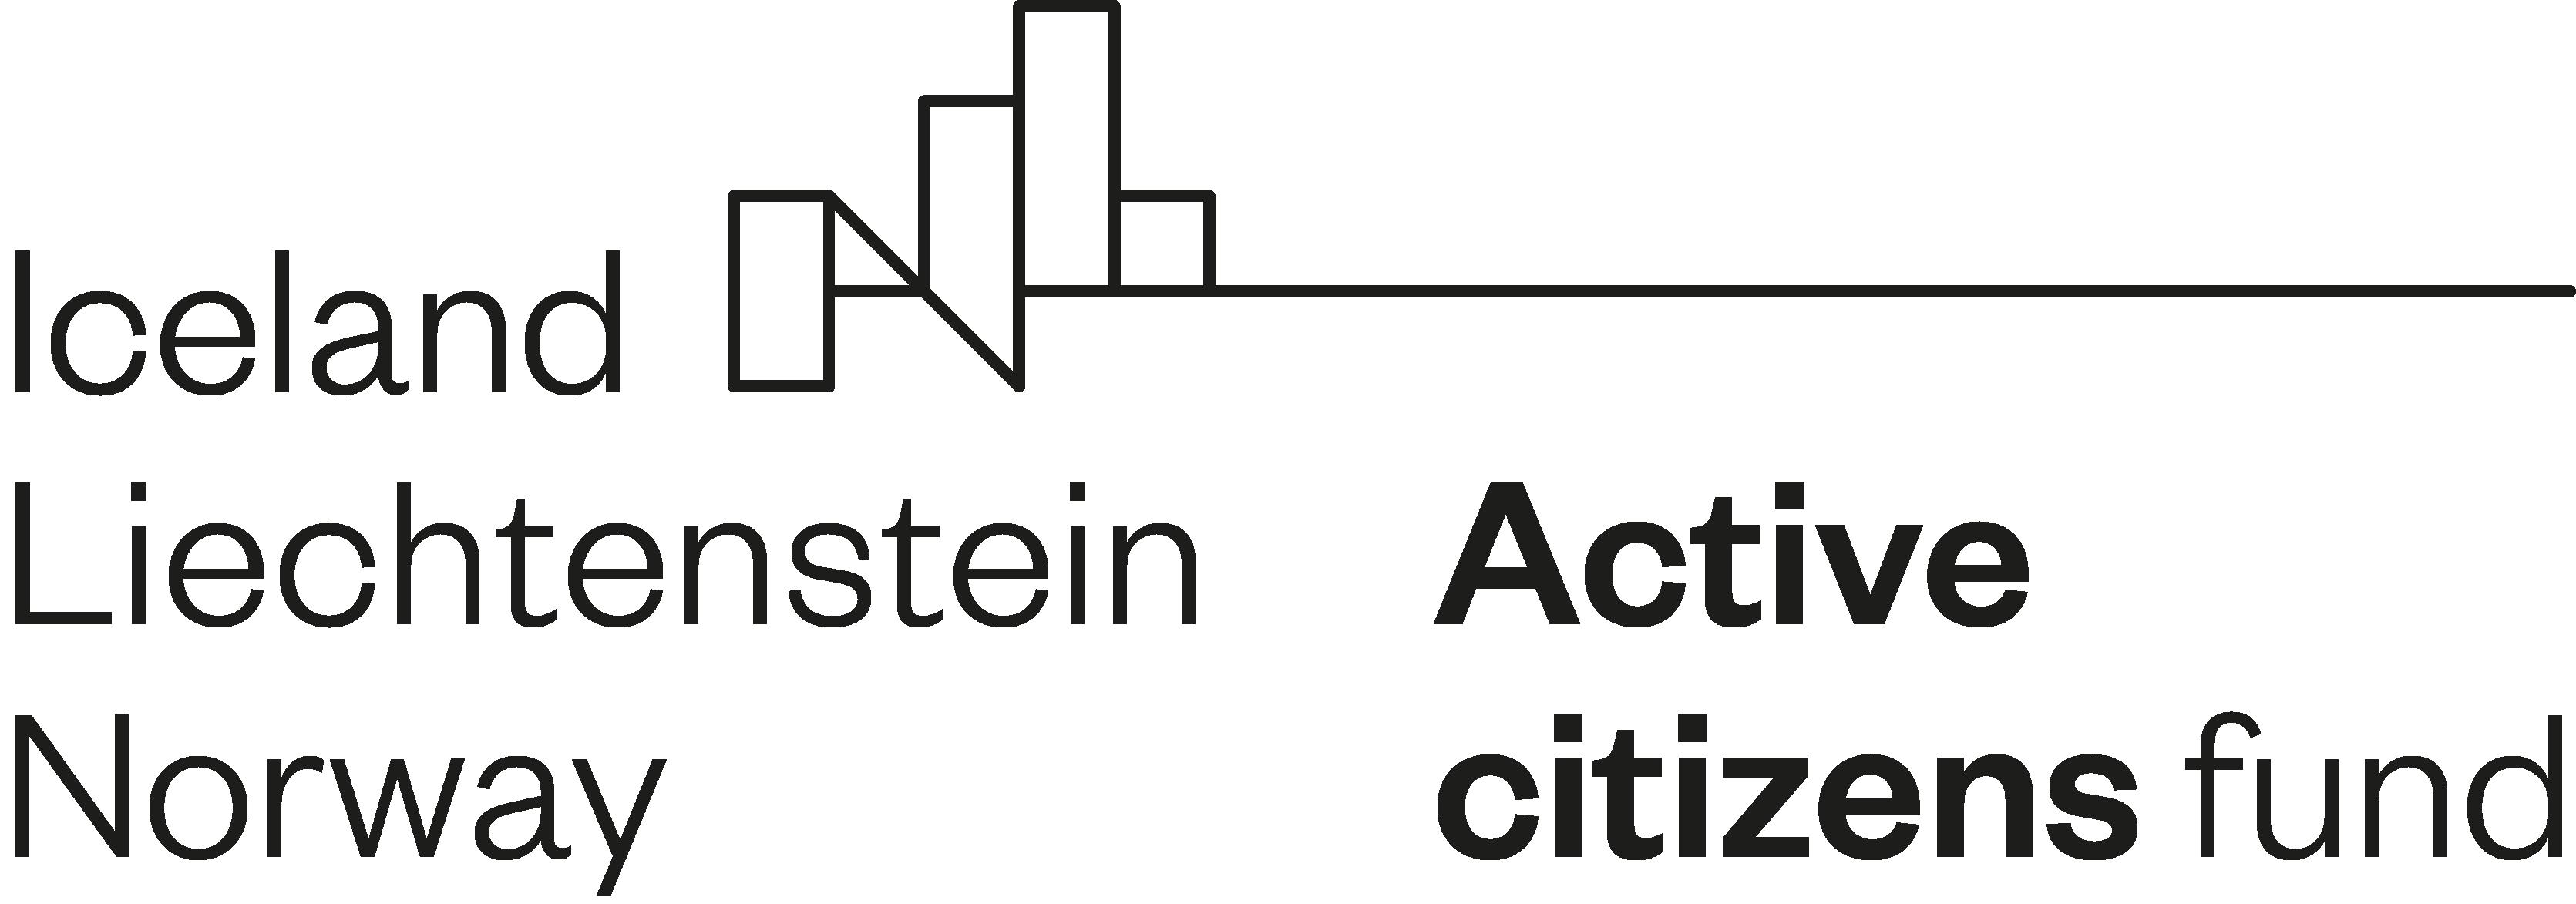 Active citizens fund - Iceland, Liechtenstein, Norway